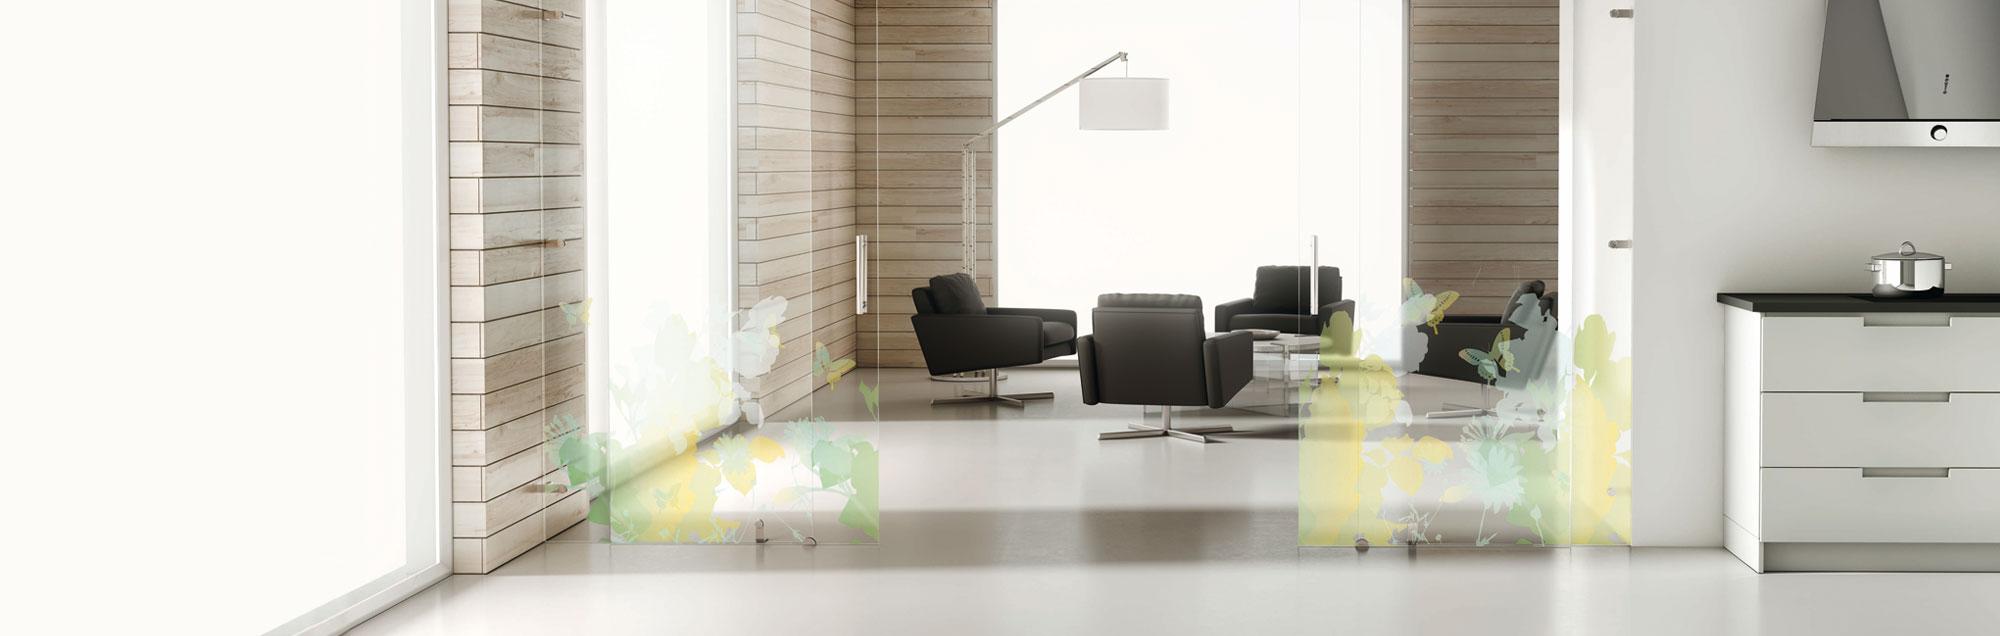 Planit portes d int rieur coulissantes en verre profiltek for Remuneration architecte d interieur